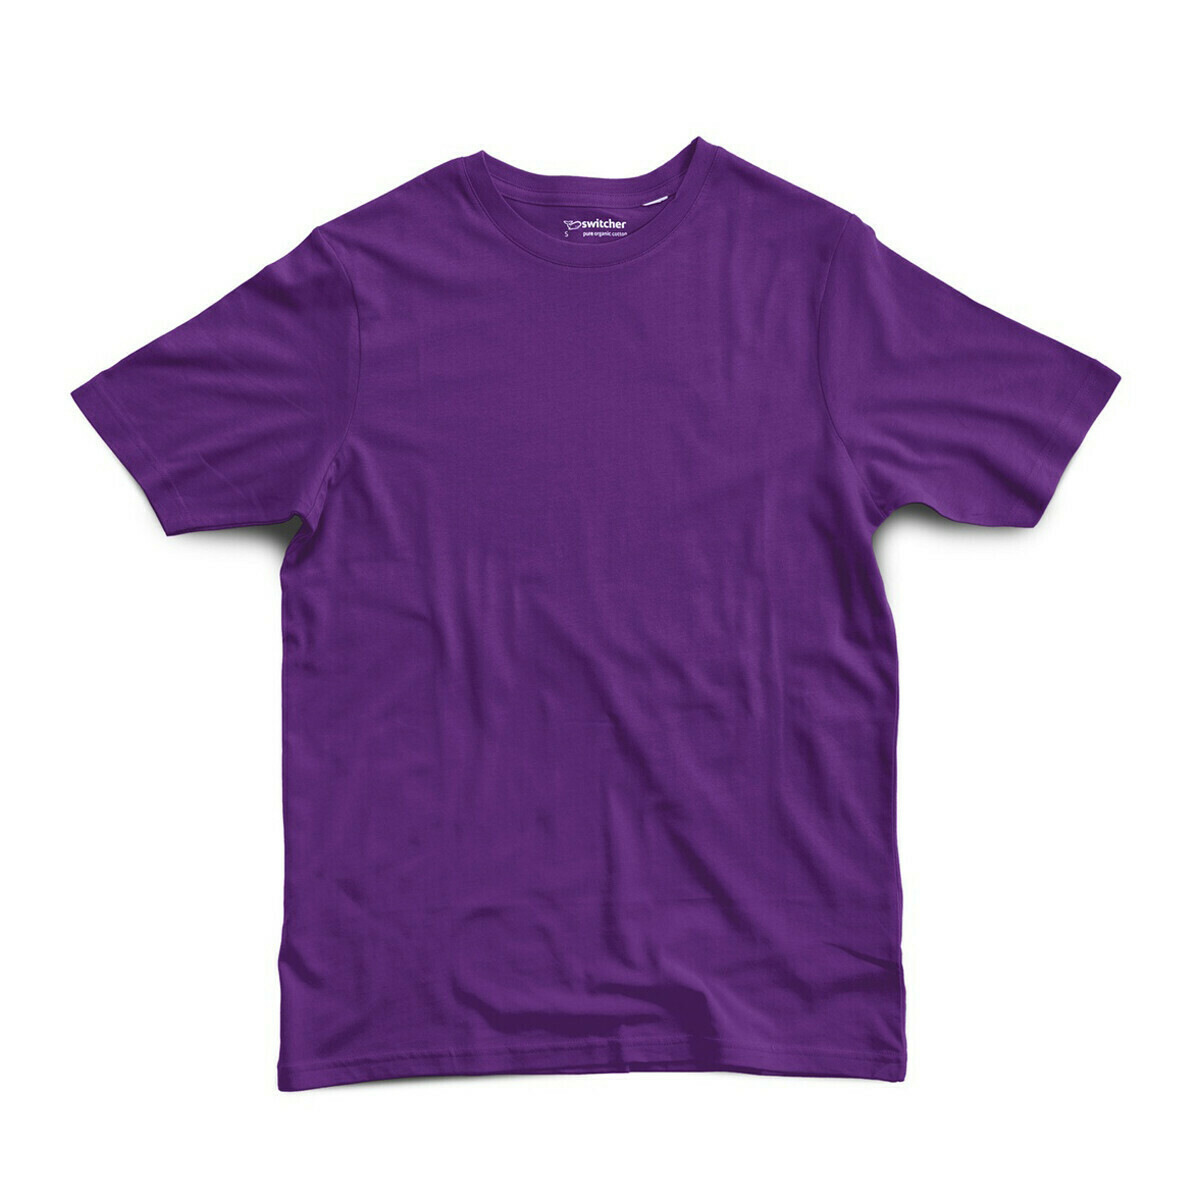 T-Shirt Bio Switcher Gaia